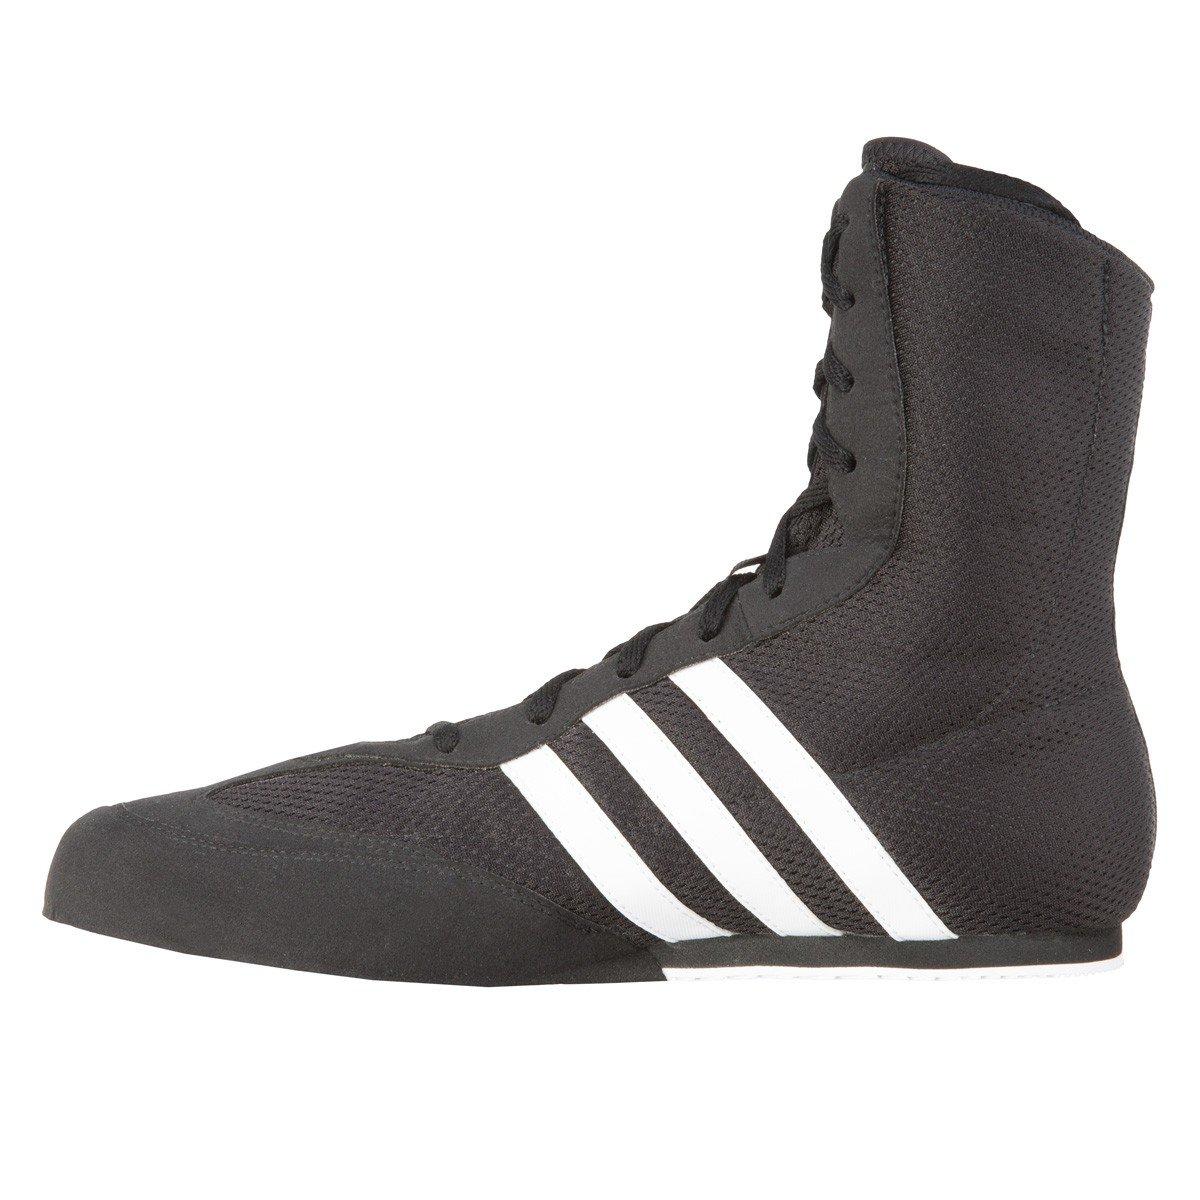 homme / boîte femme adidas boîte / chaussures de boxe - 18 achats spéciaux porcs livraison immédiate bw86423 nouveaux produits en 2018 10d9f1